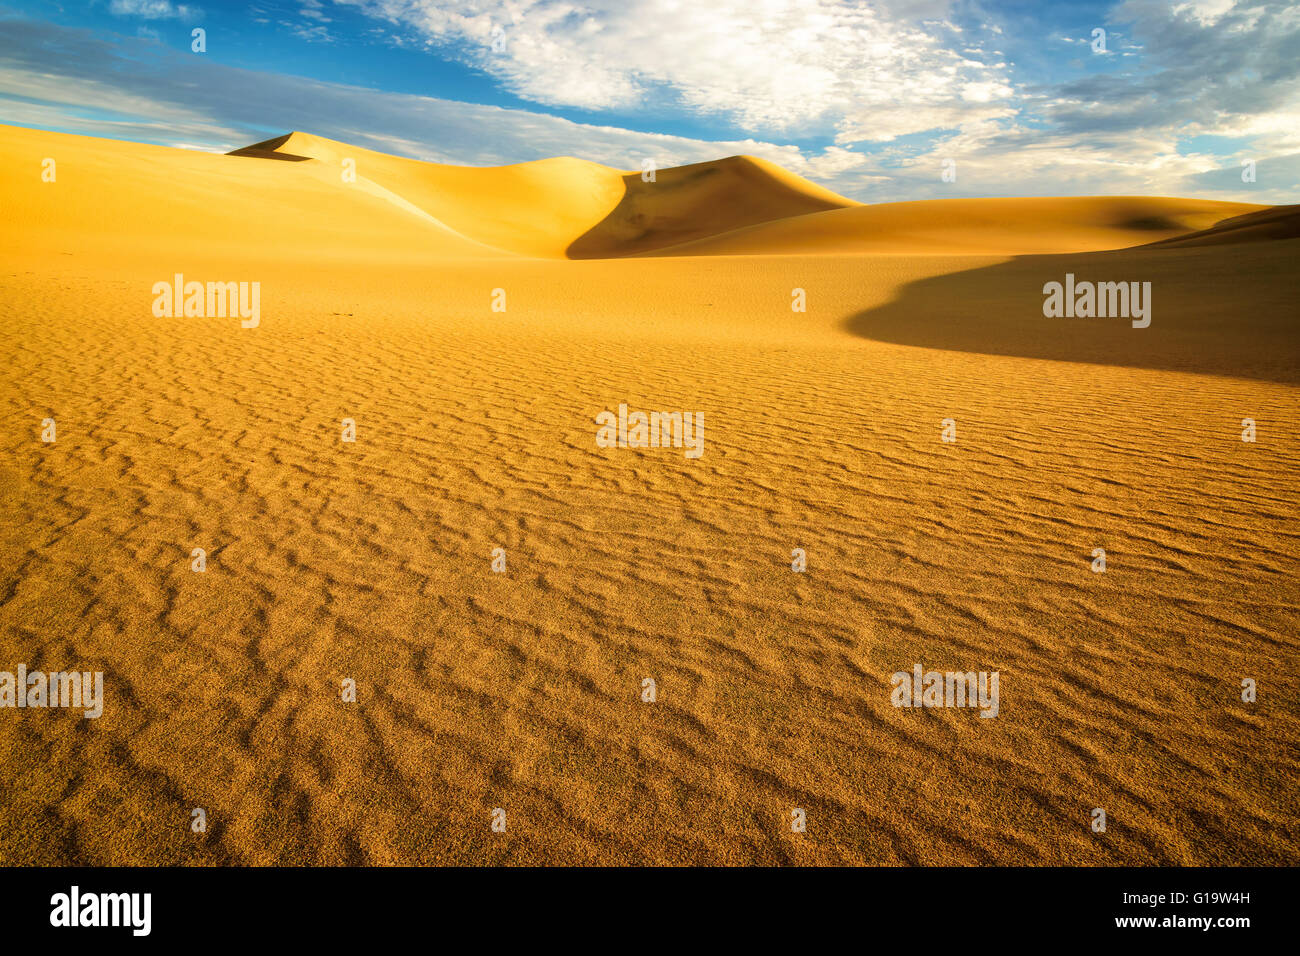 Sand dunes at sunrise in the Desert - Stock Image